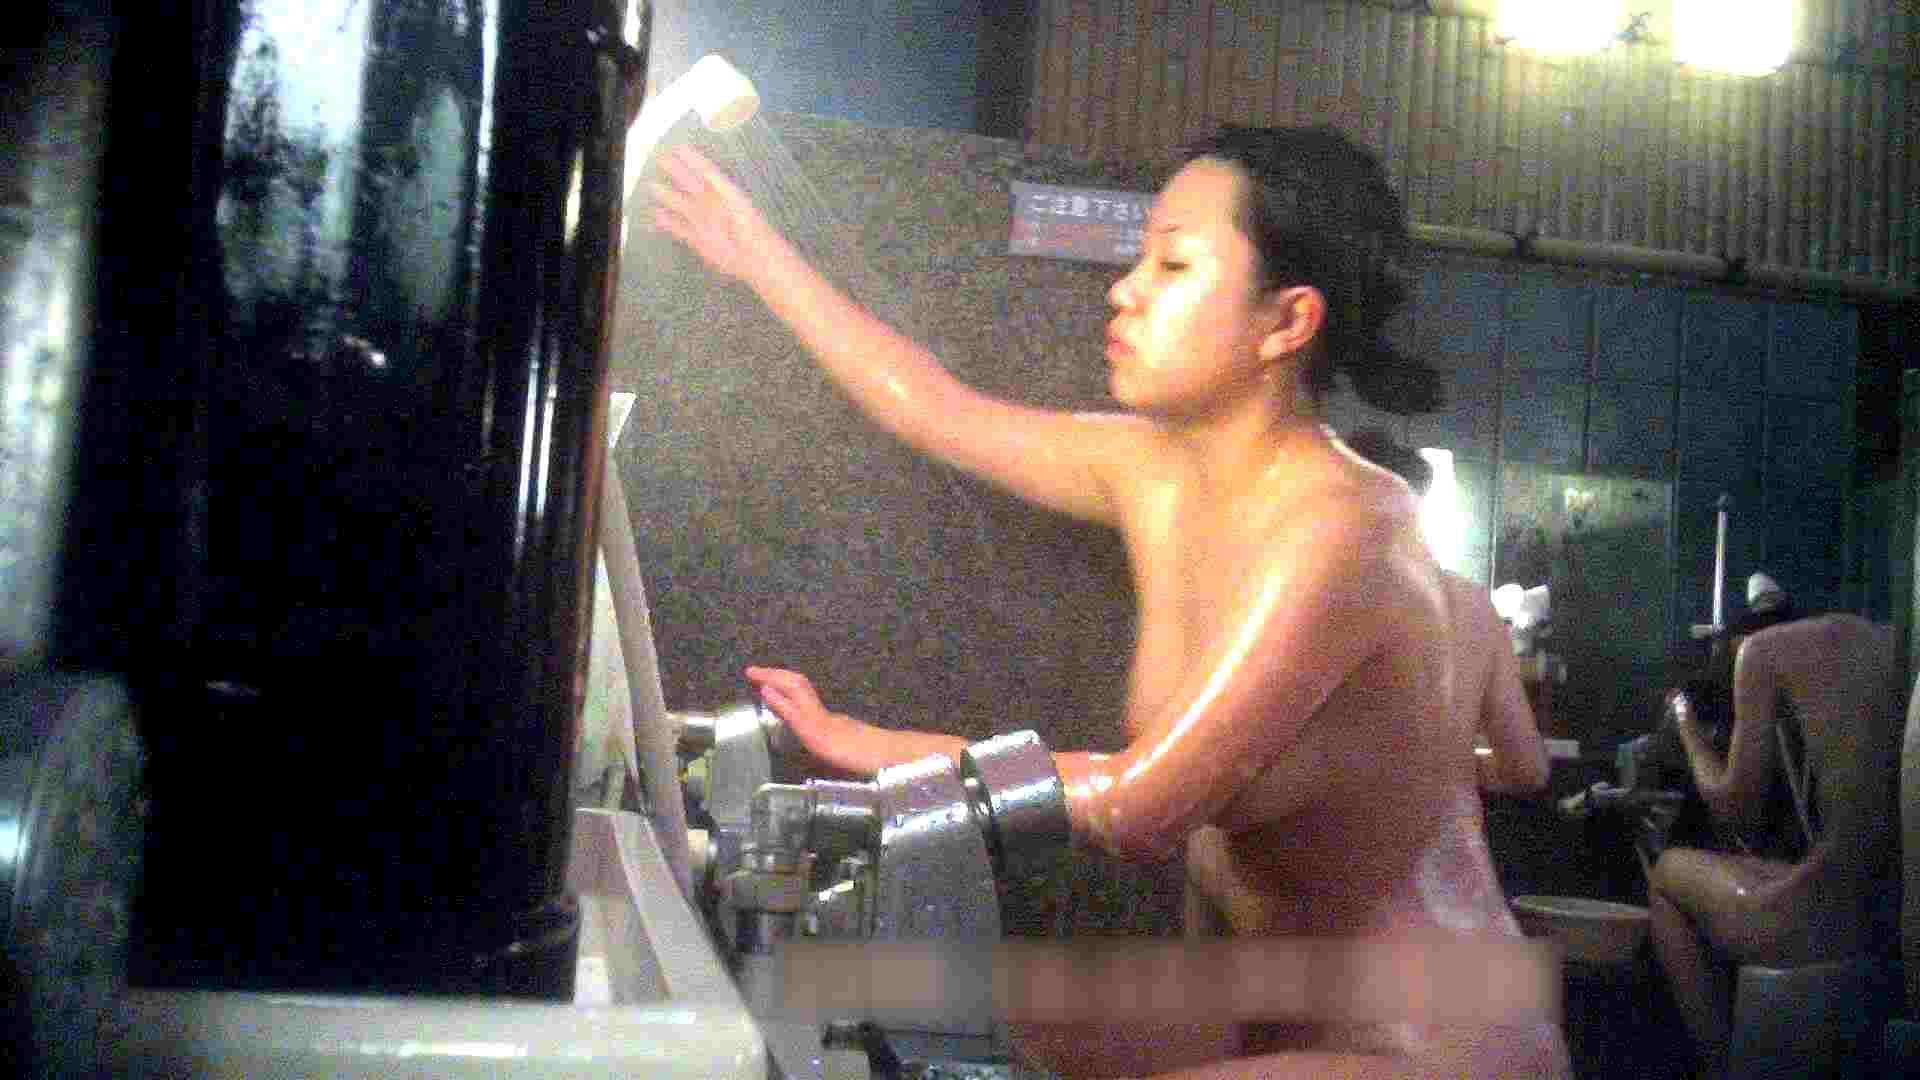 TG.08 【一等兵】陰毛の向こう側にむっちりちょいブサお嬢さん 潜入  53PIX 22